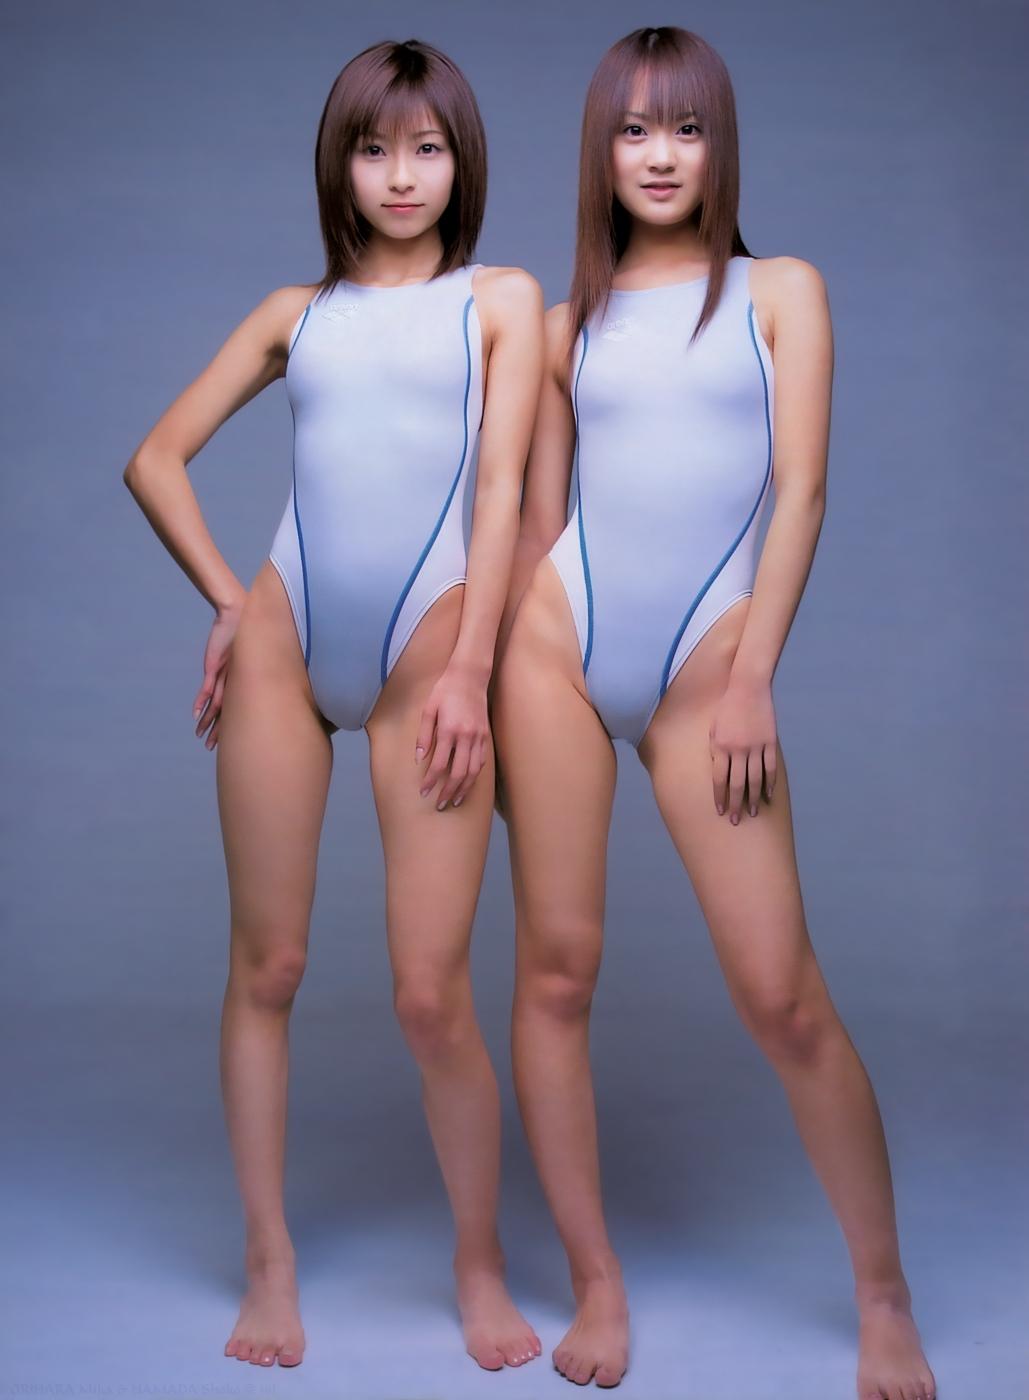 競泳水着 画像 02